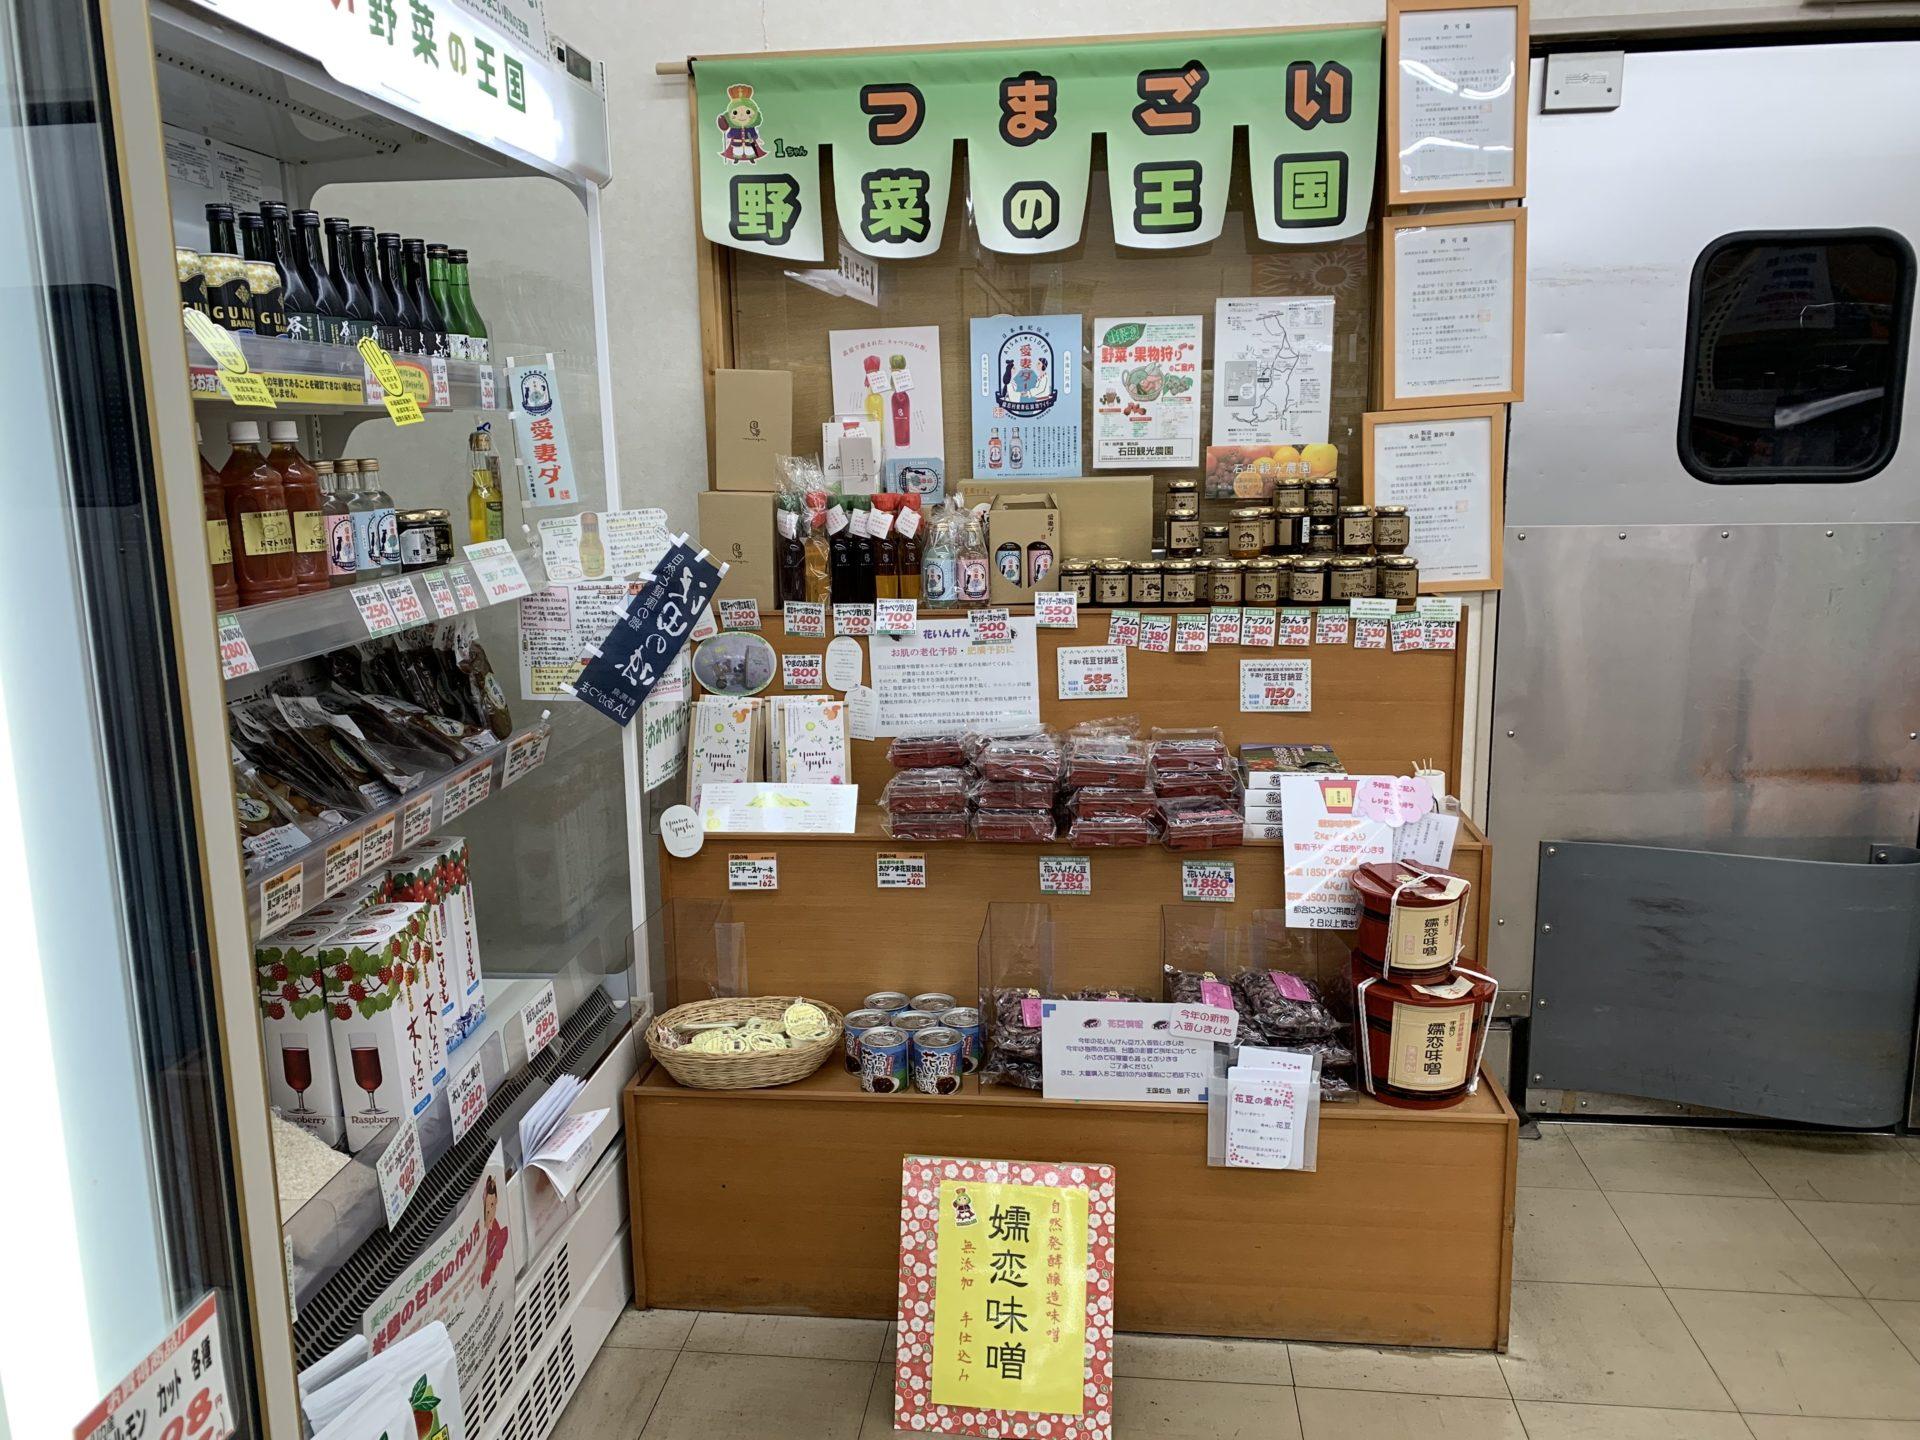 卸売センター「サンエイ」店内の群馬県吾妻郡嬬恋村地元のお土産